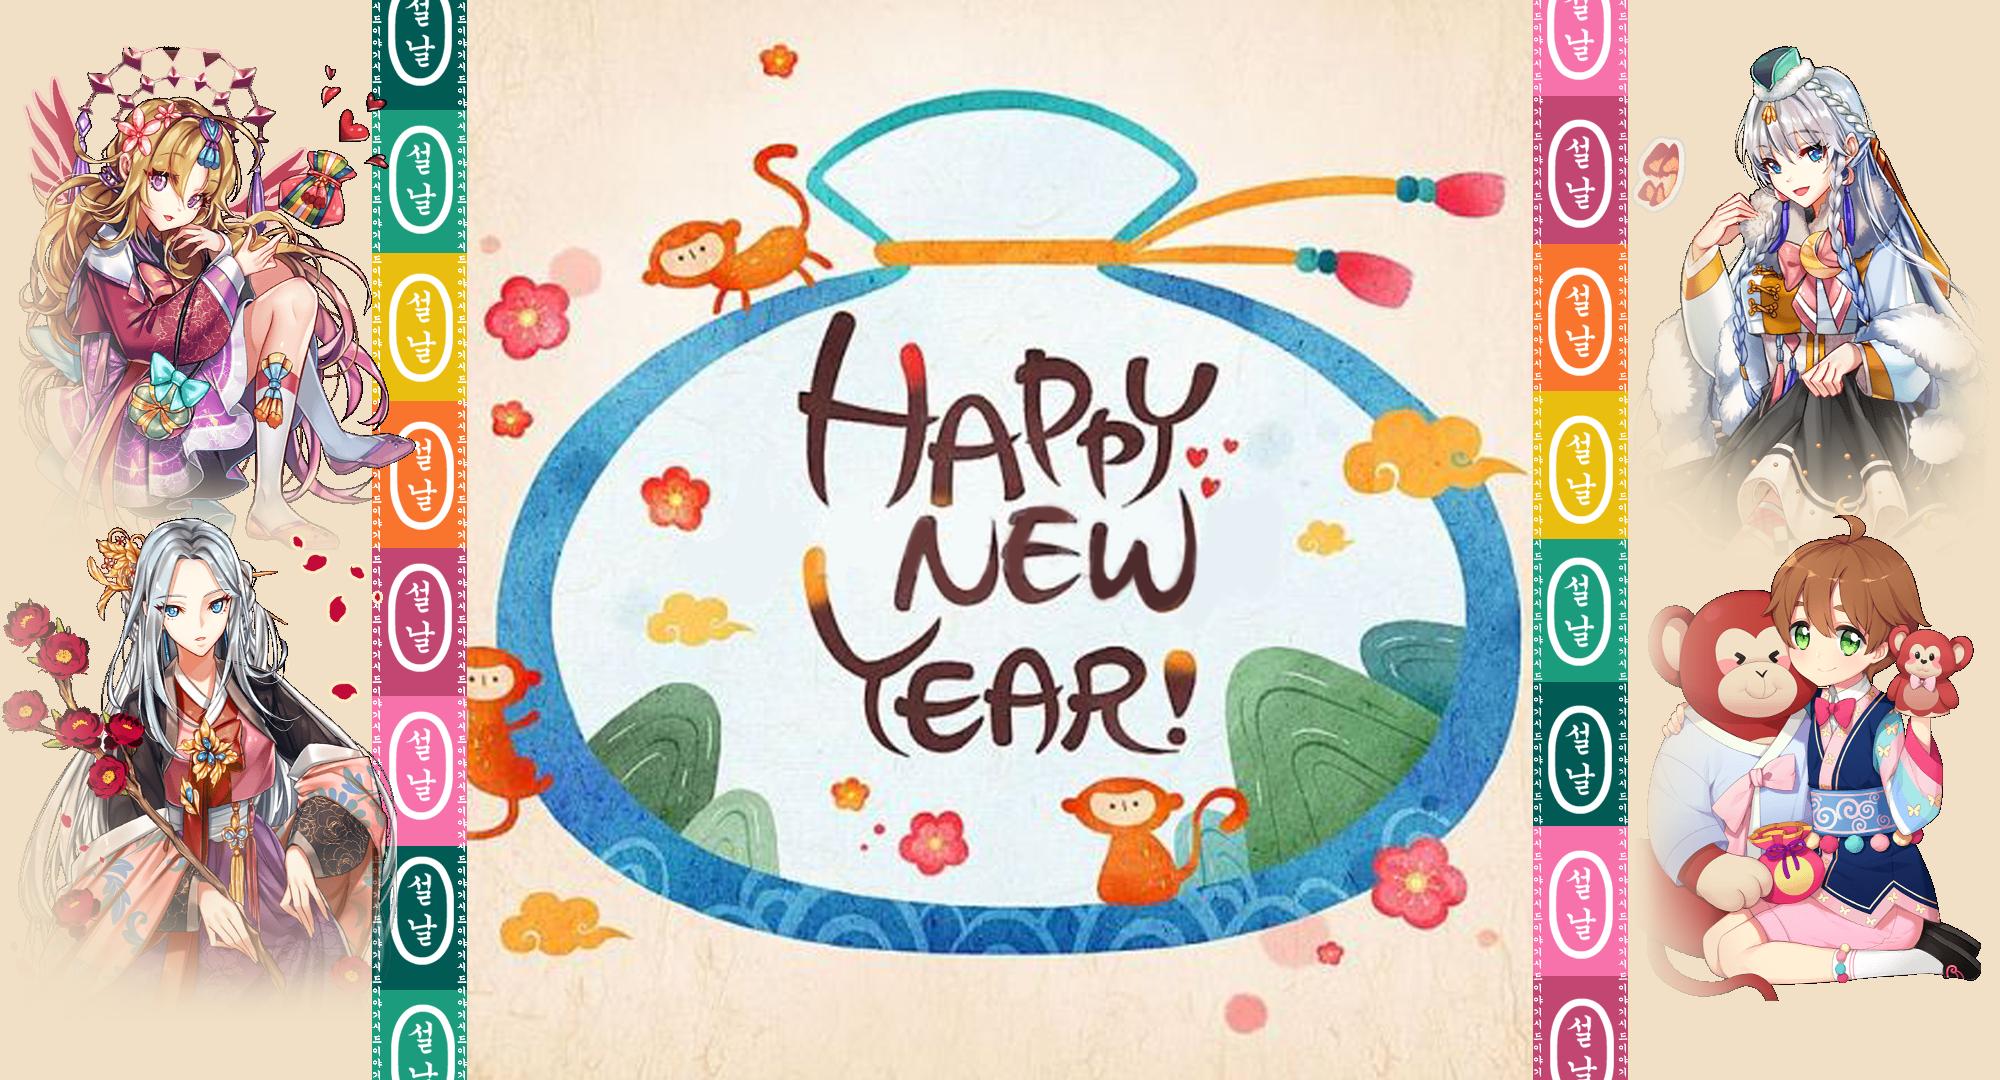 Lunar New Year 2016 Banner